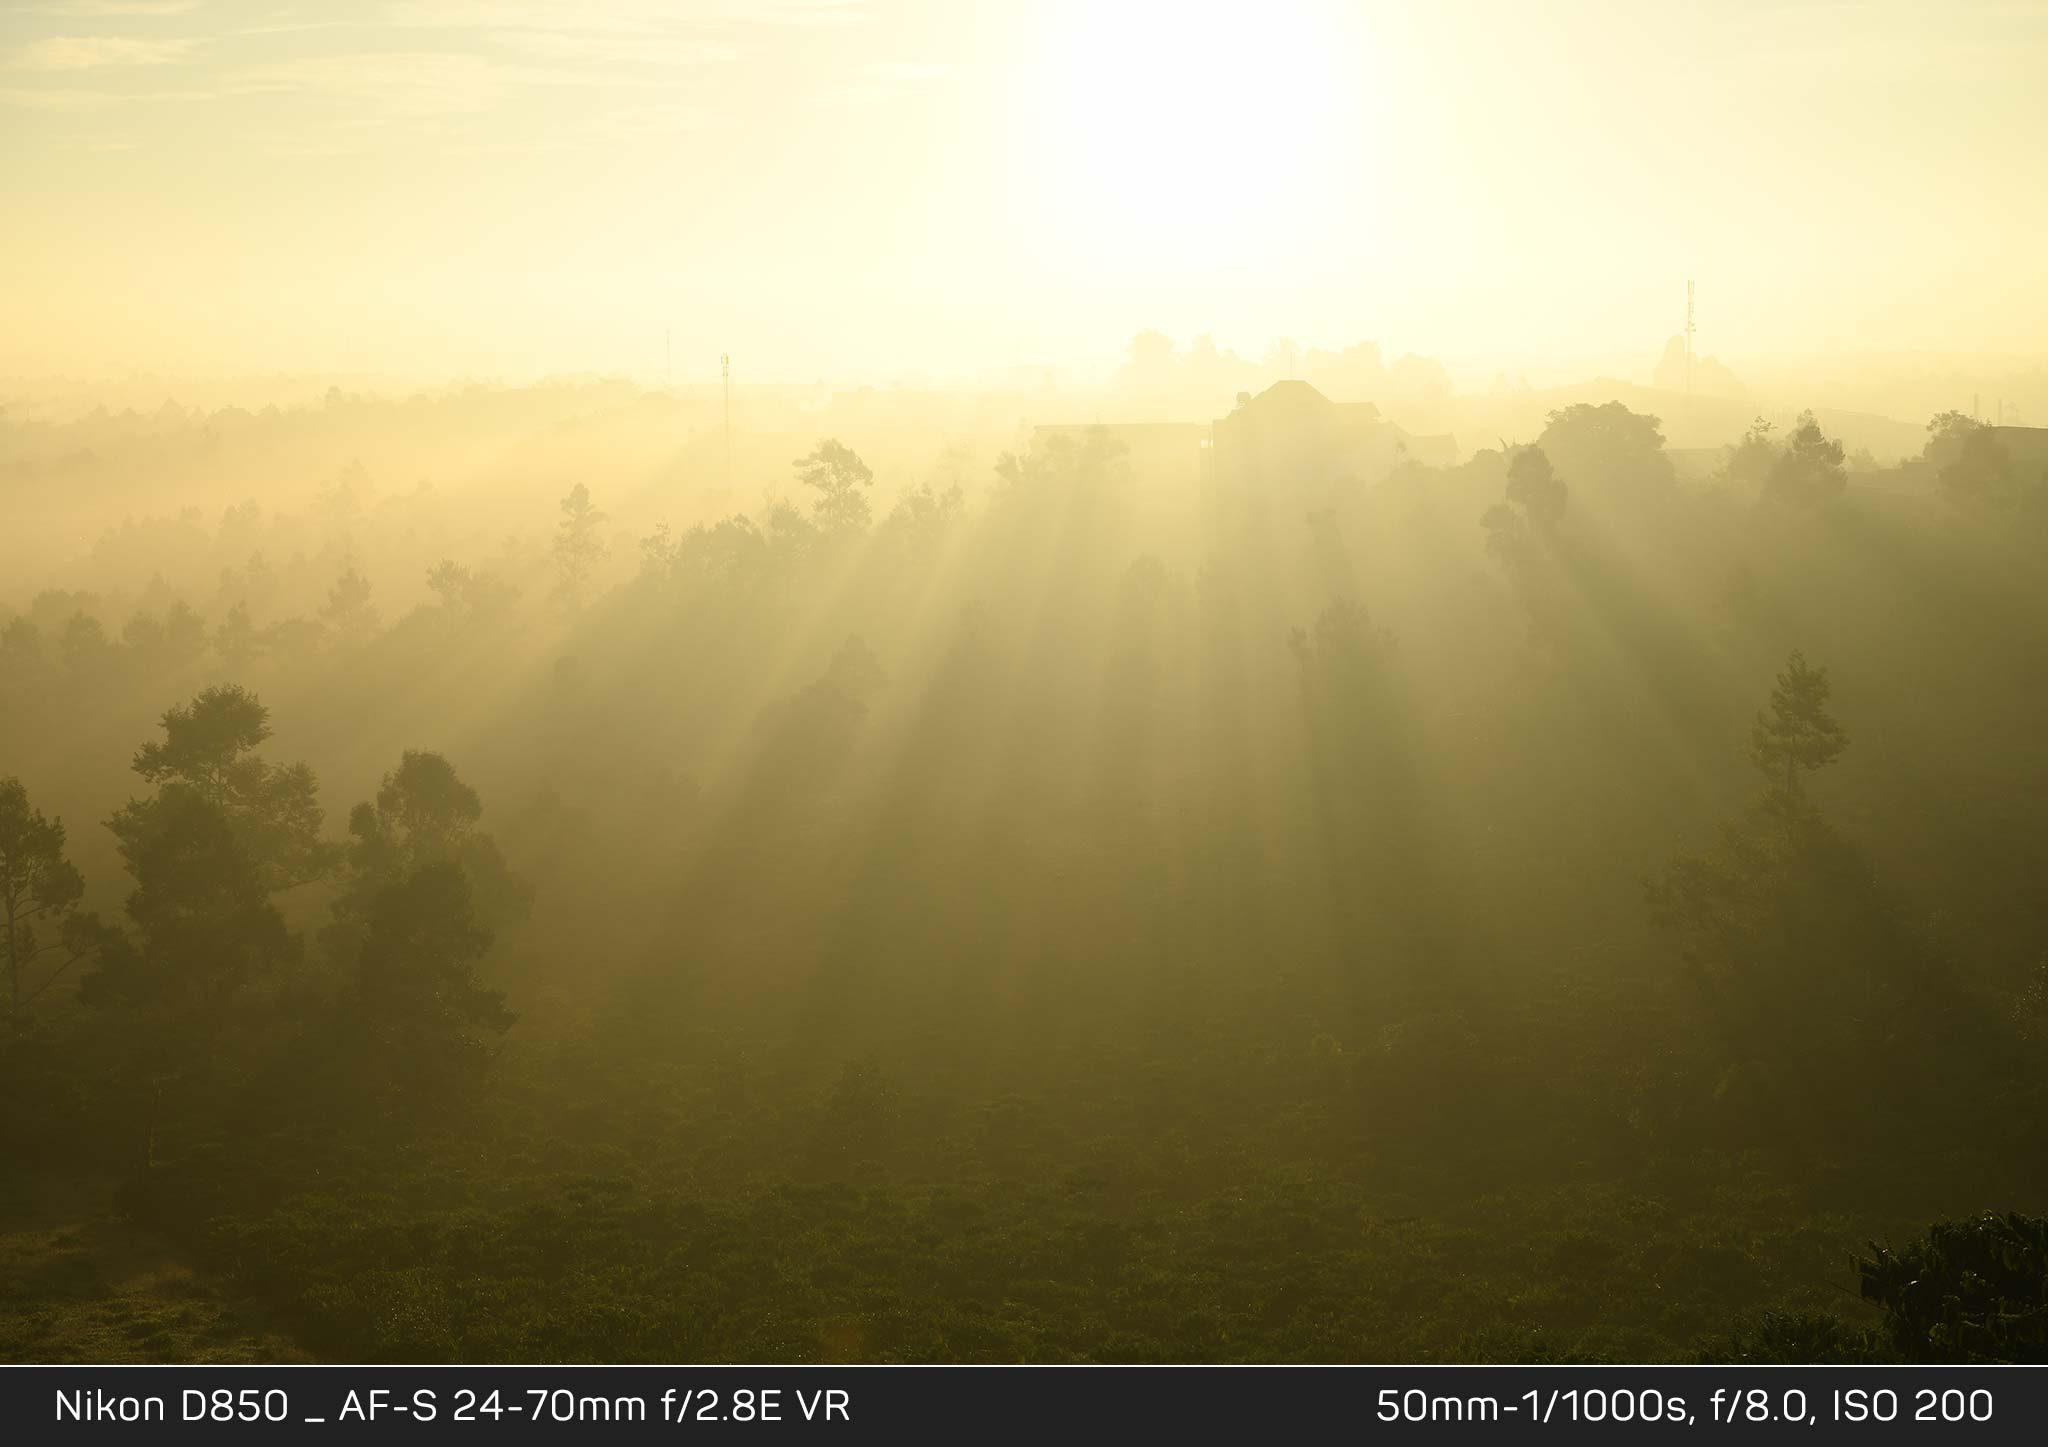 Đang tải Nikon-D850_nguoc-sang_KH2_6325.jpg…